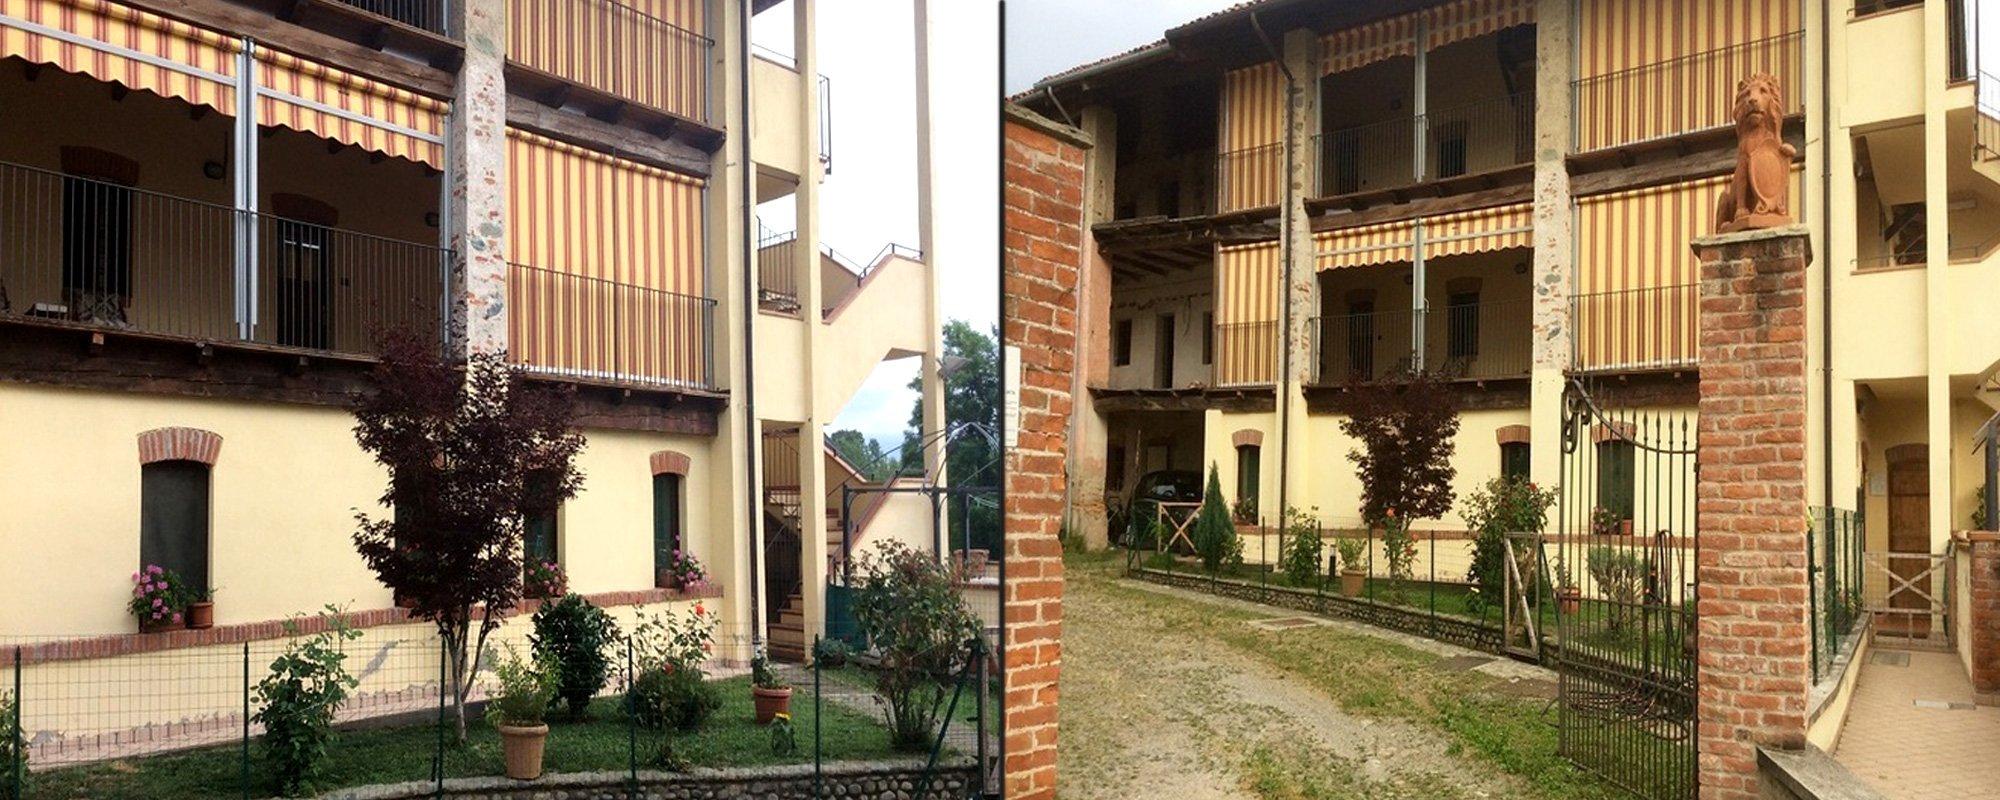 RESIDENCE LA ROSA DEI VENTI vi offre diverse tipologie di appartamenti.